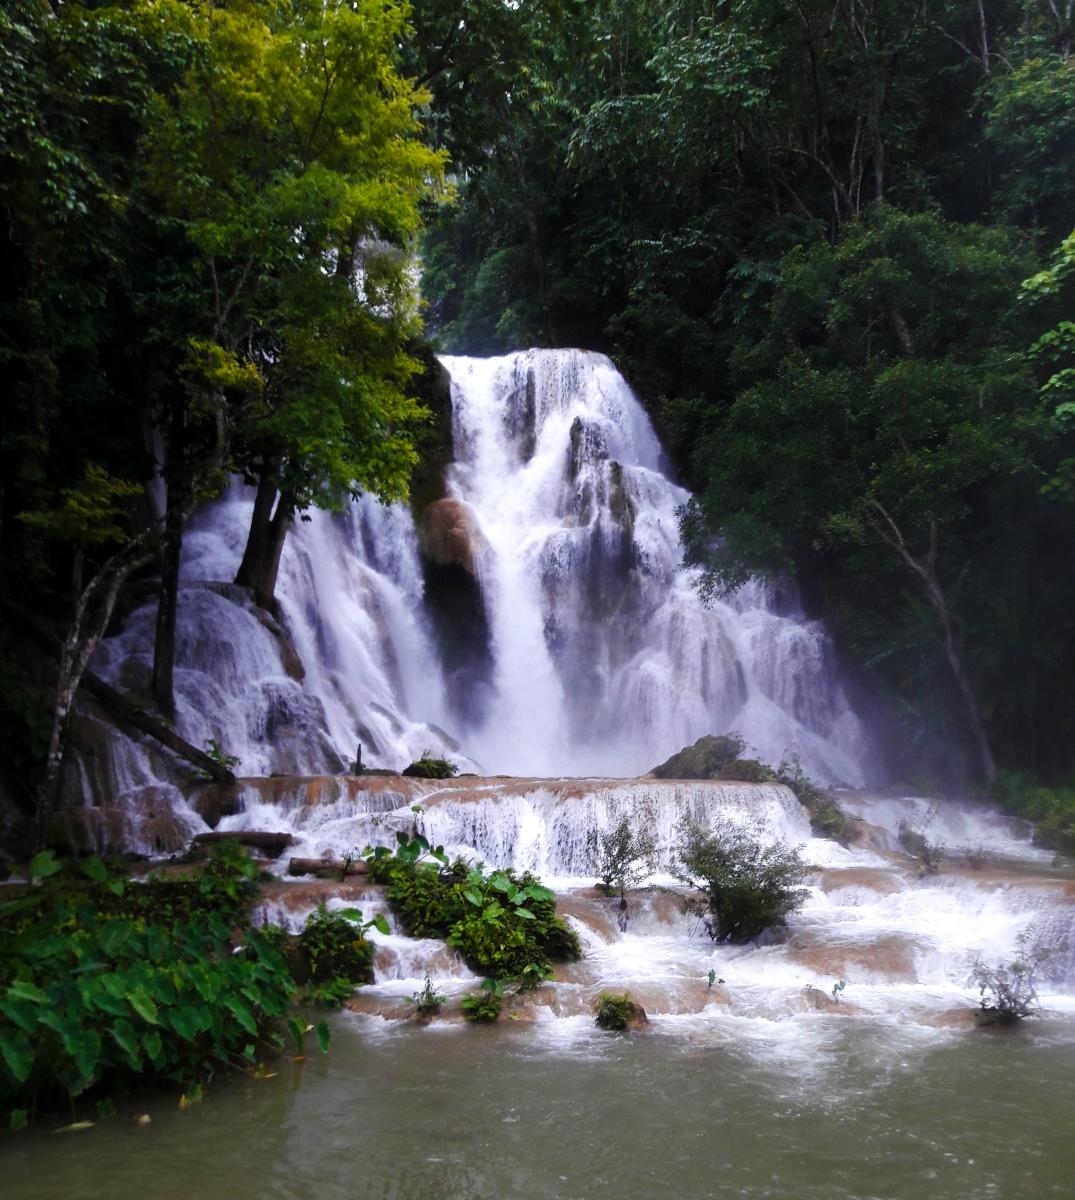 The mystical Tat Kuang Si Falls | Luang Prabang, Laos